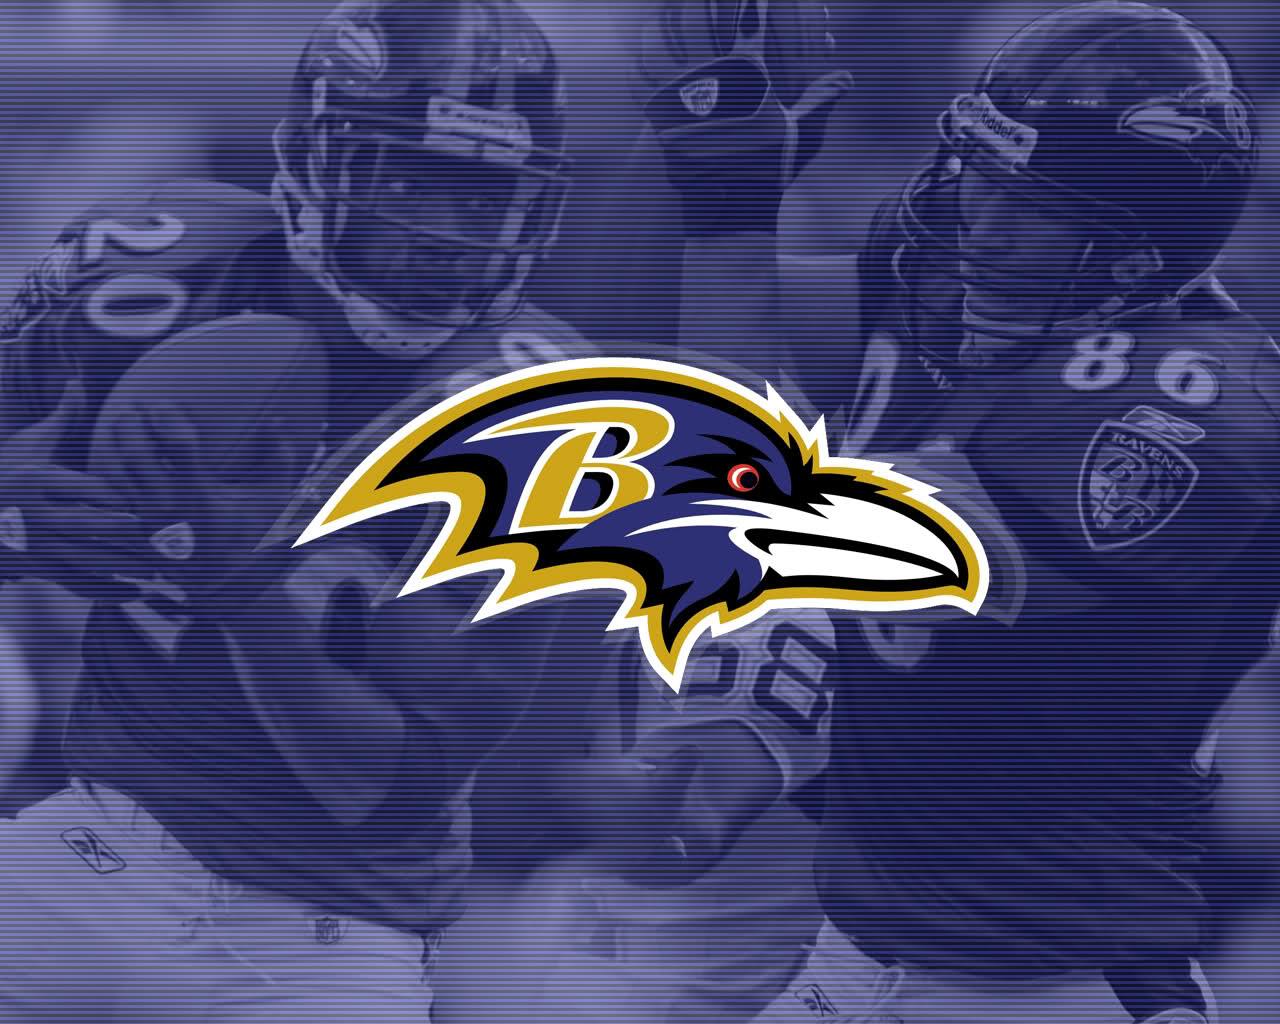 Baltimore Ravens wallpaper desktop image Baltimore Ravens wallpapers 1280x1024